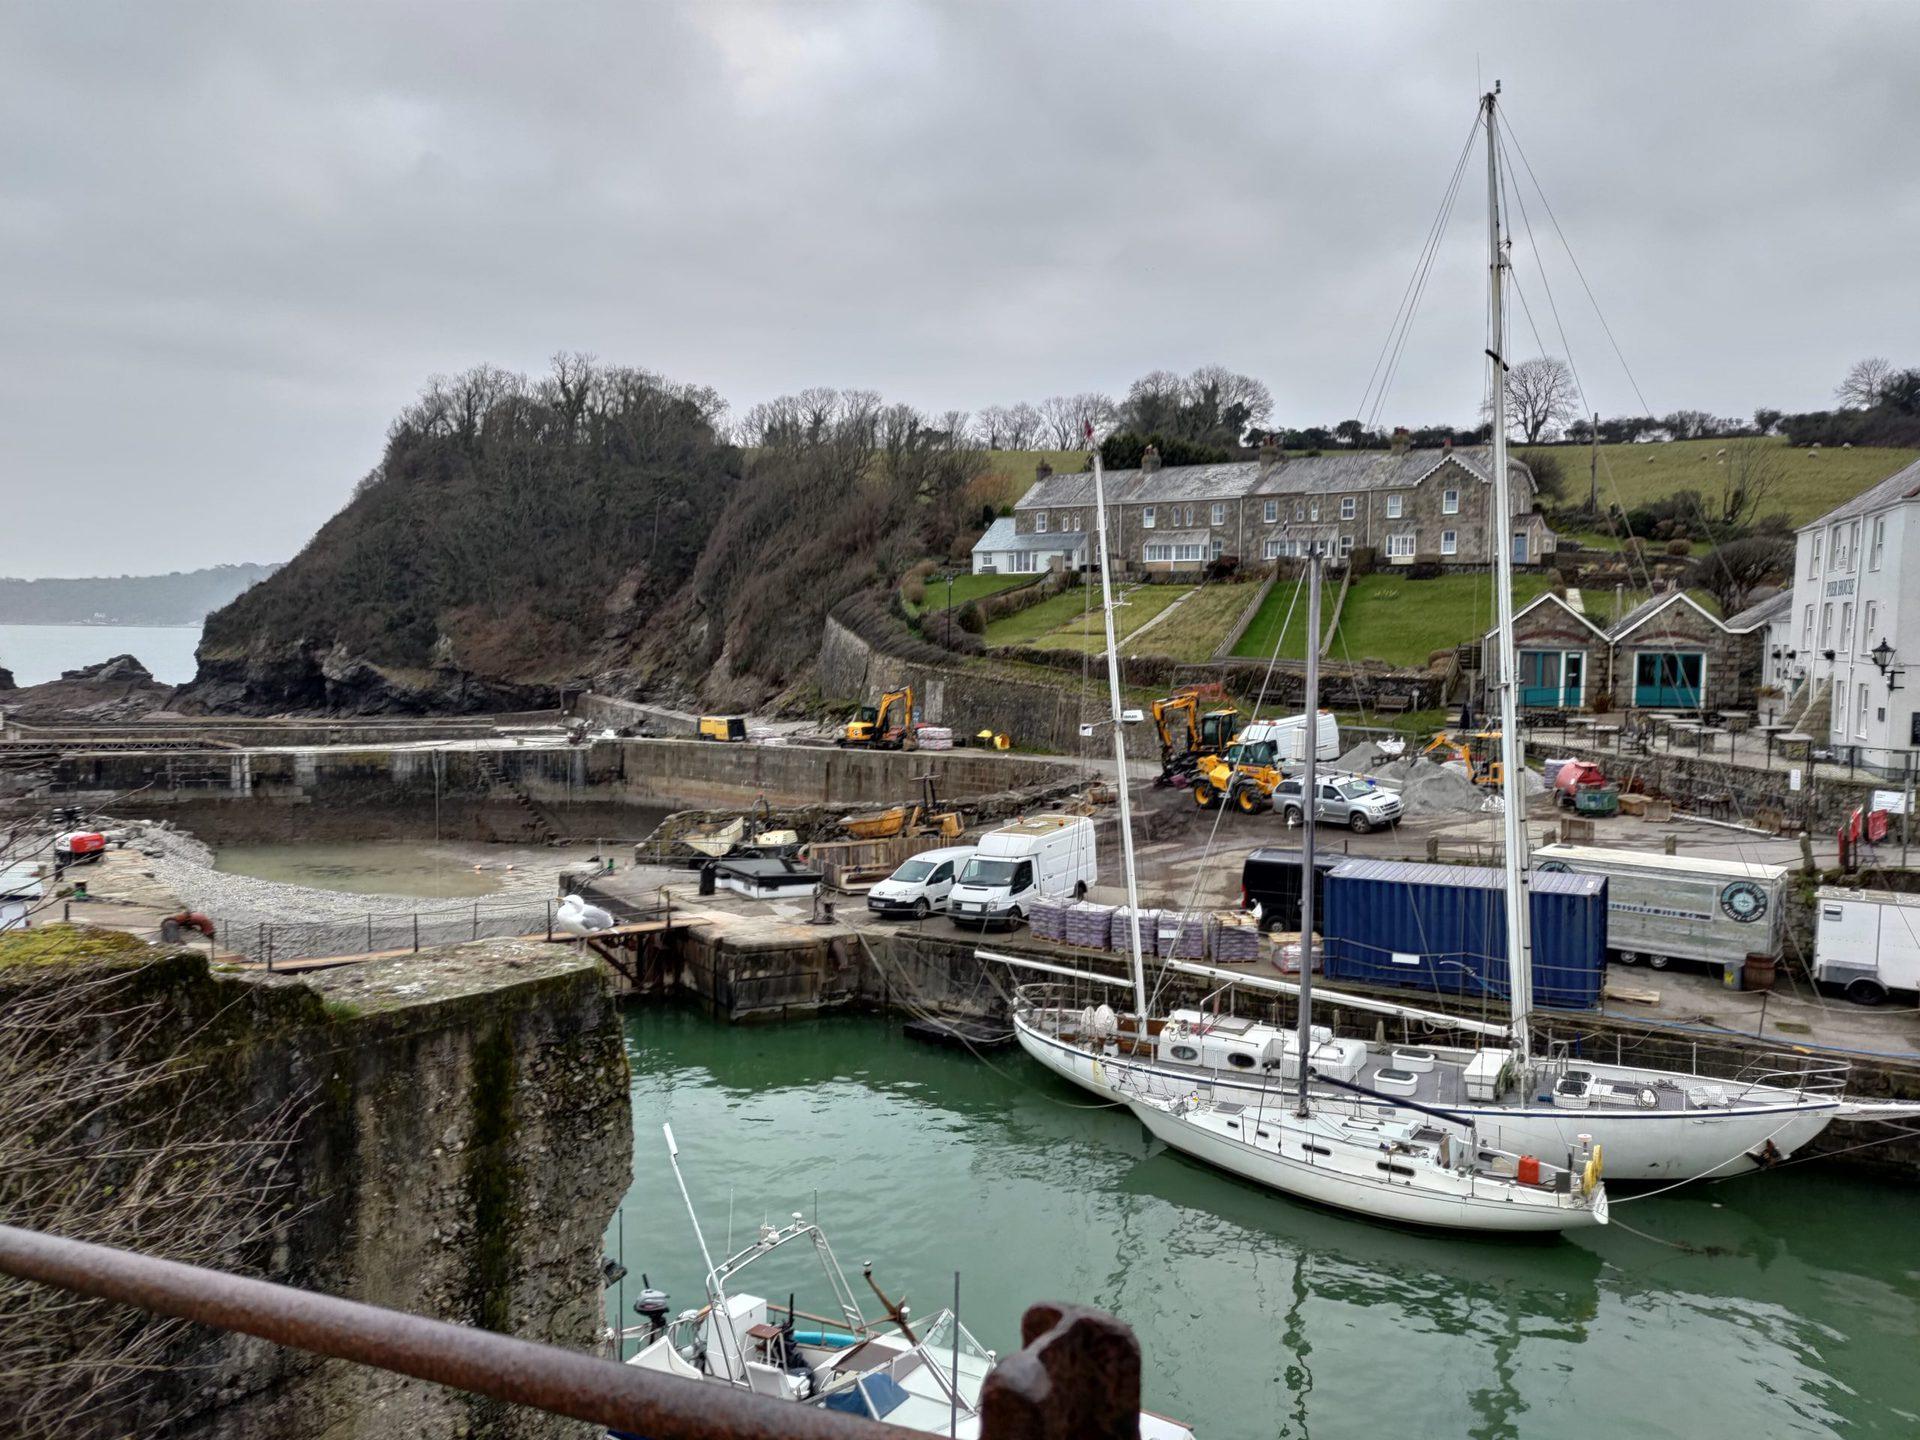 ROG Phone 5 camera sample of a harbour under repair